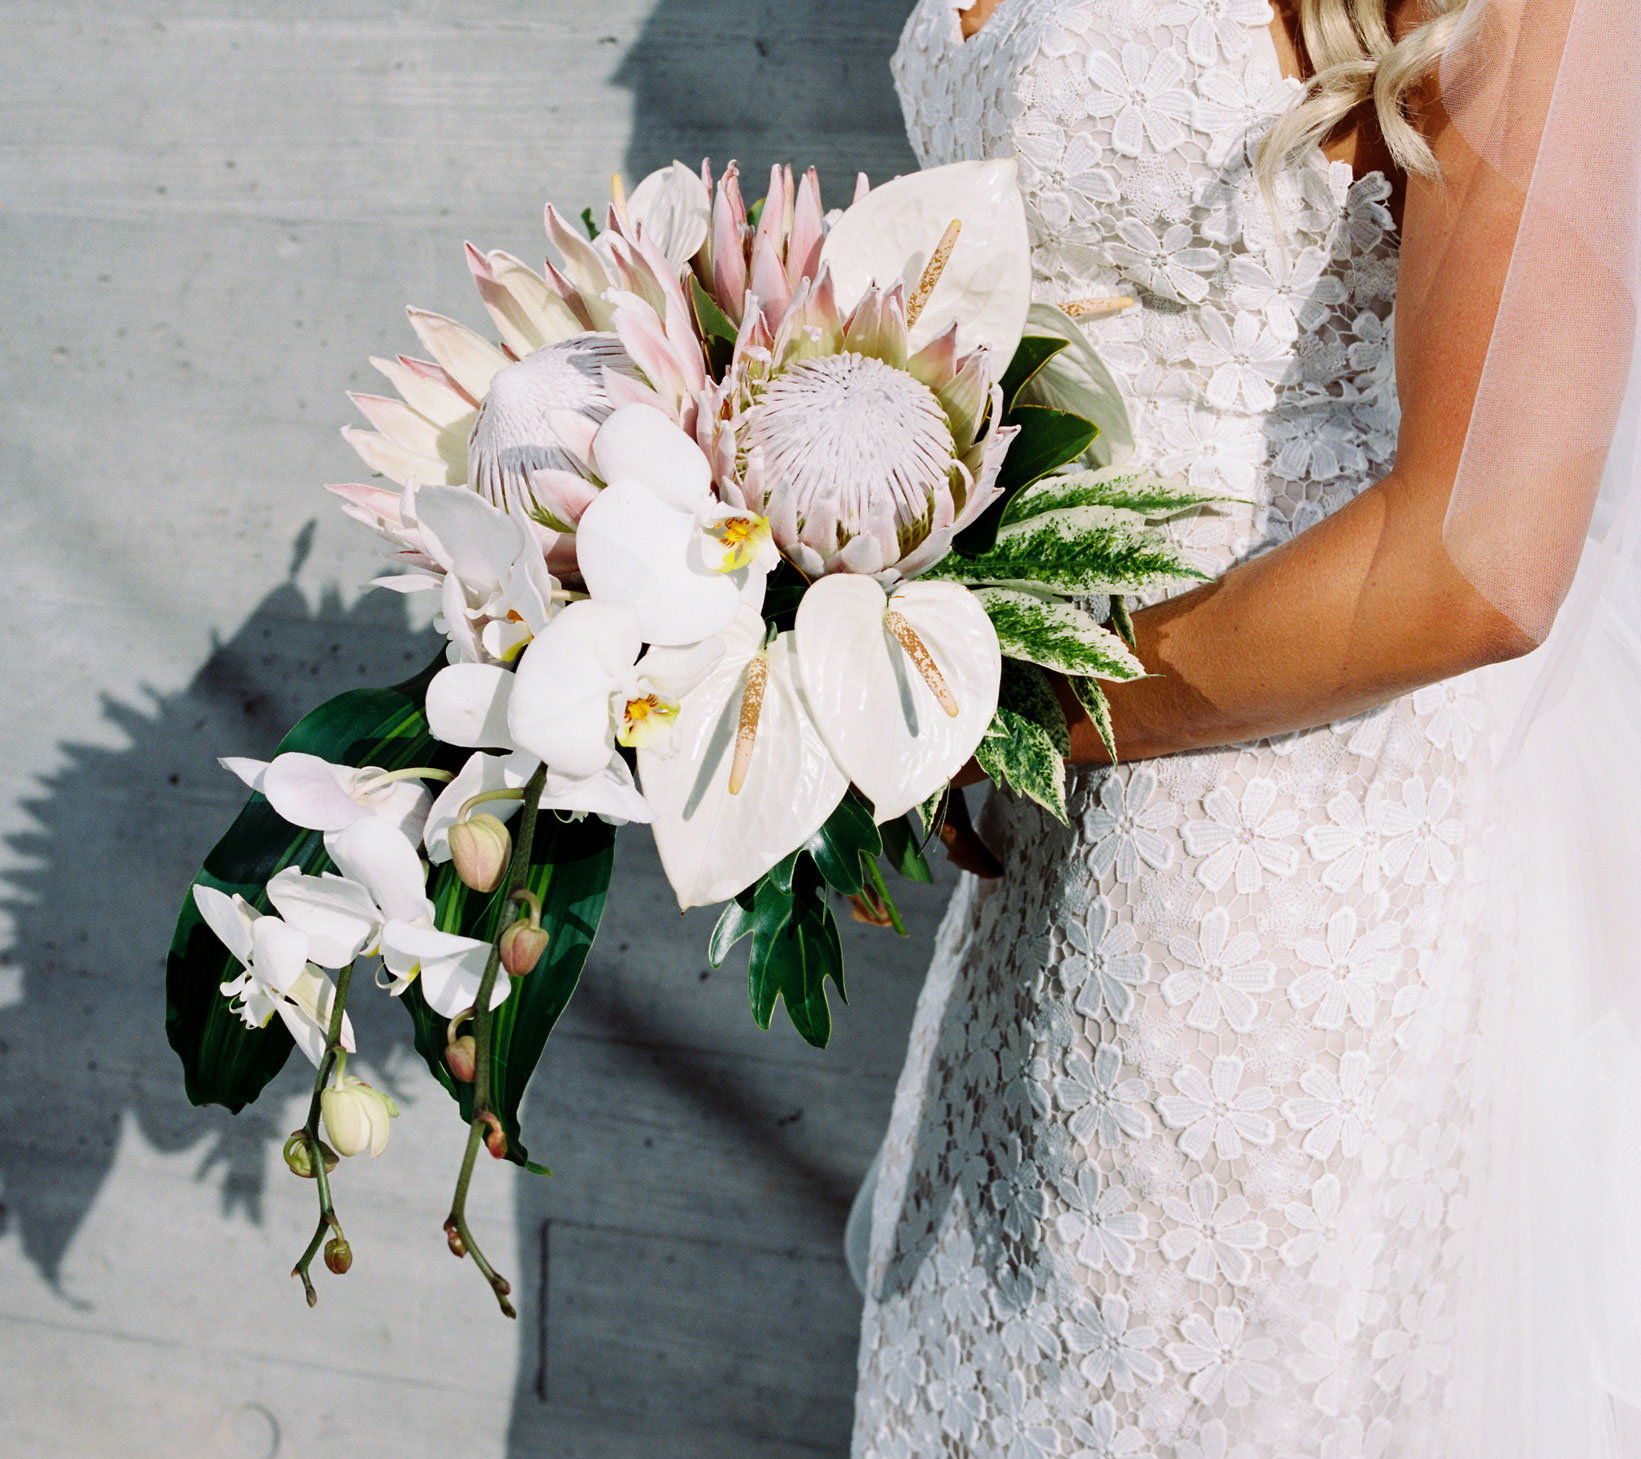 Five-Penny-Floral-Best-Utah-Wedding-Florist-21.jpg